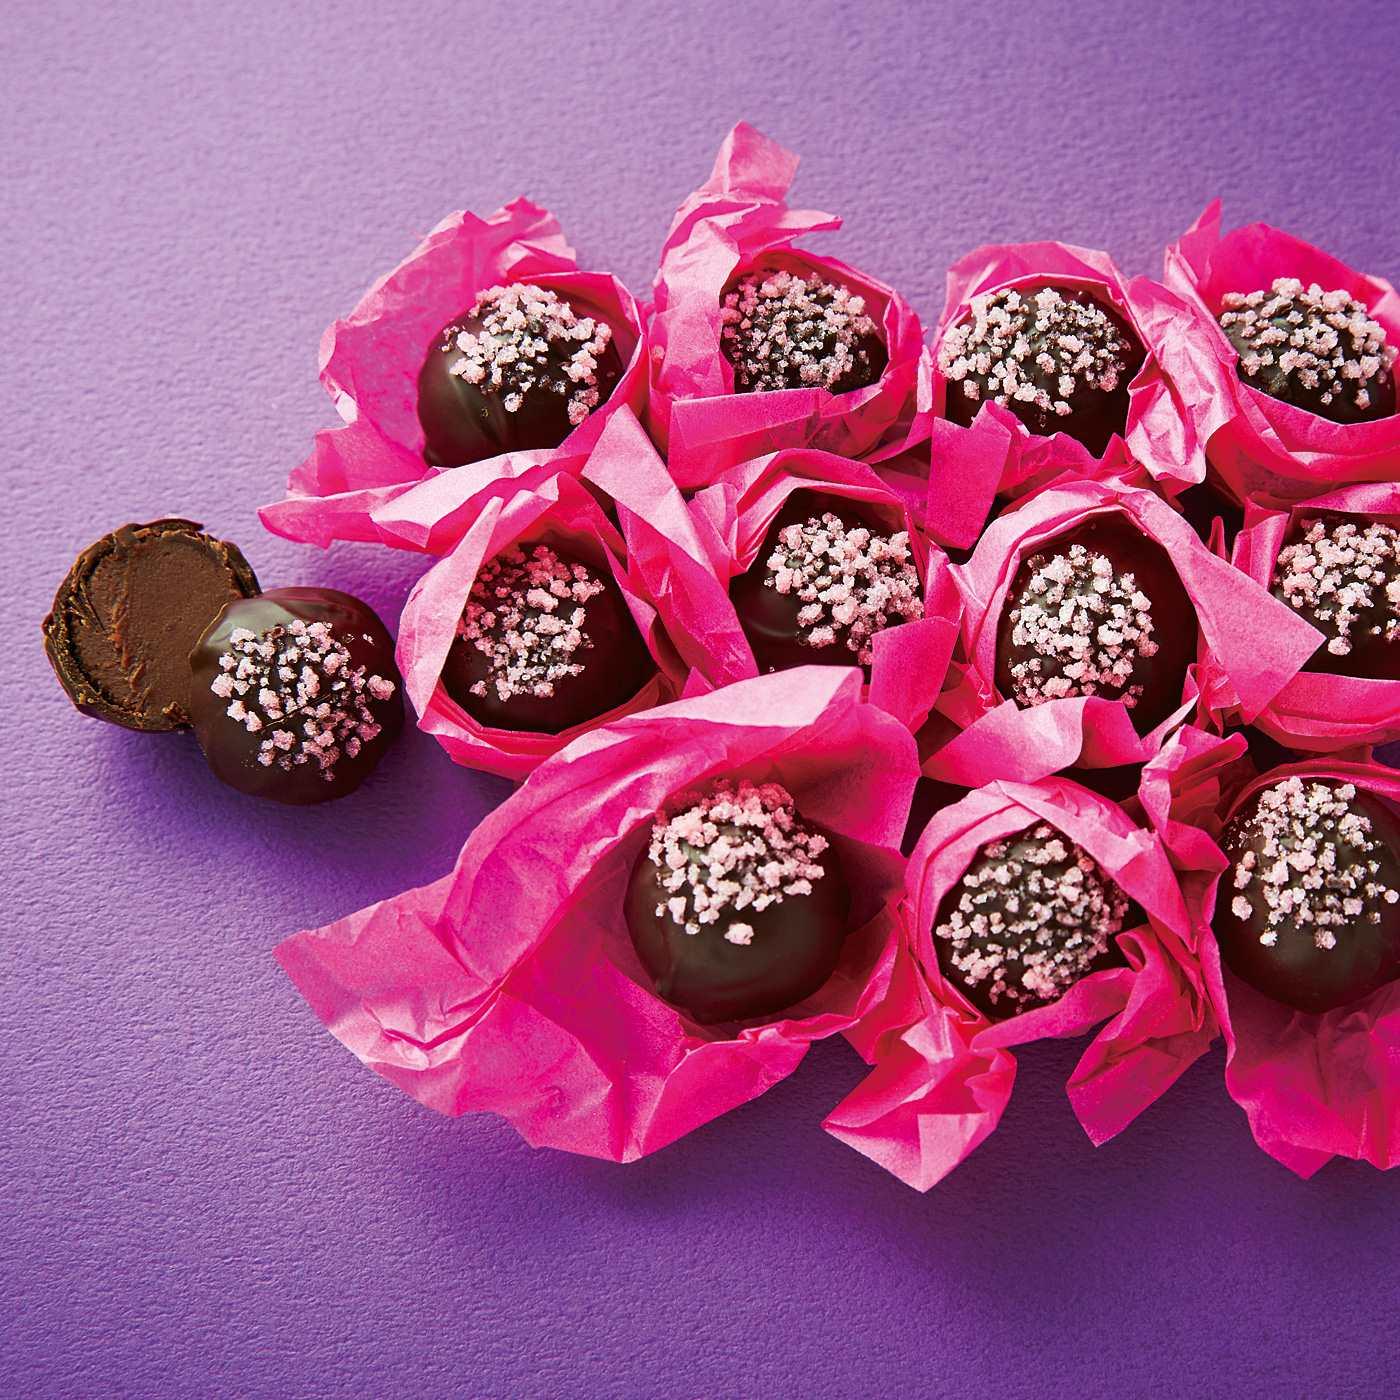 【ホワイトデイお届け】チョコレート アート ストロベリー